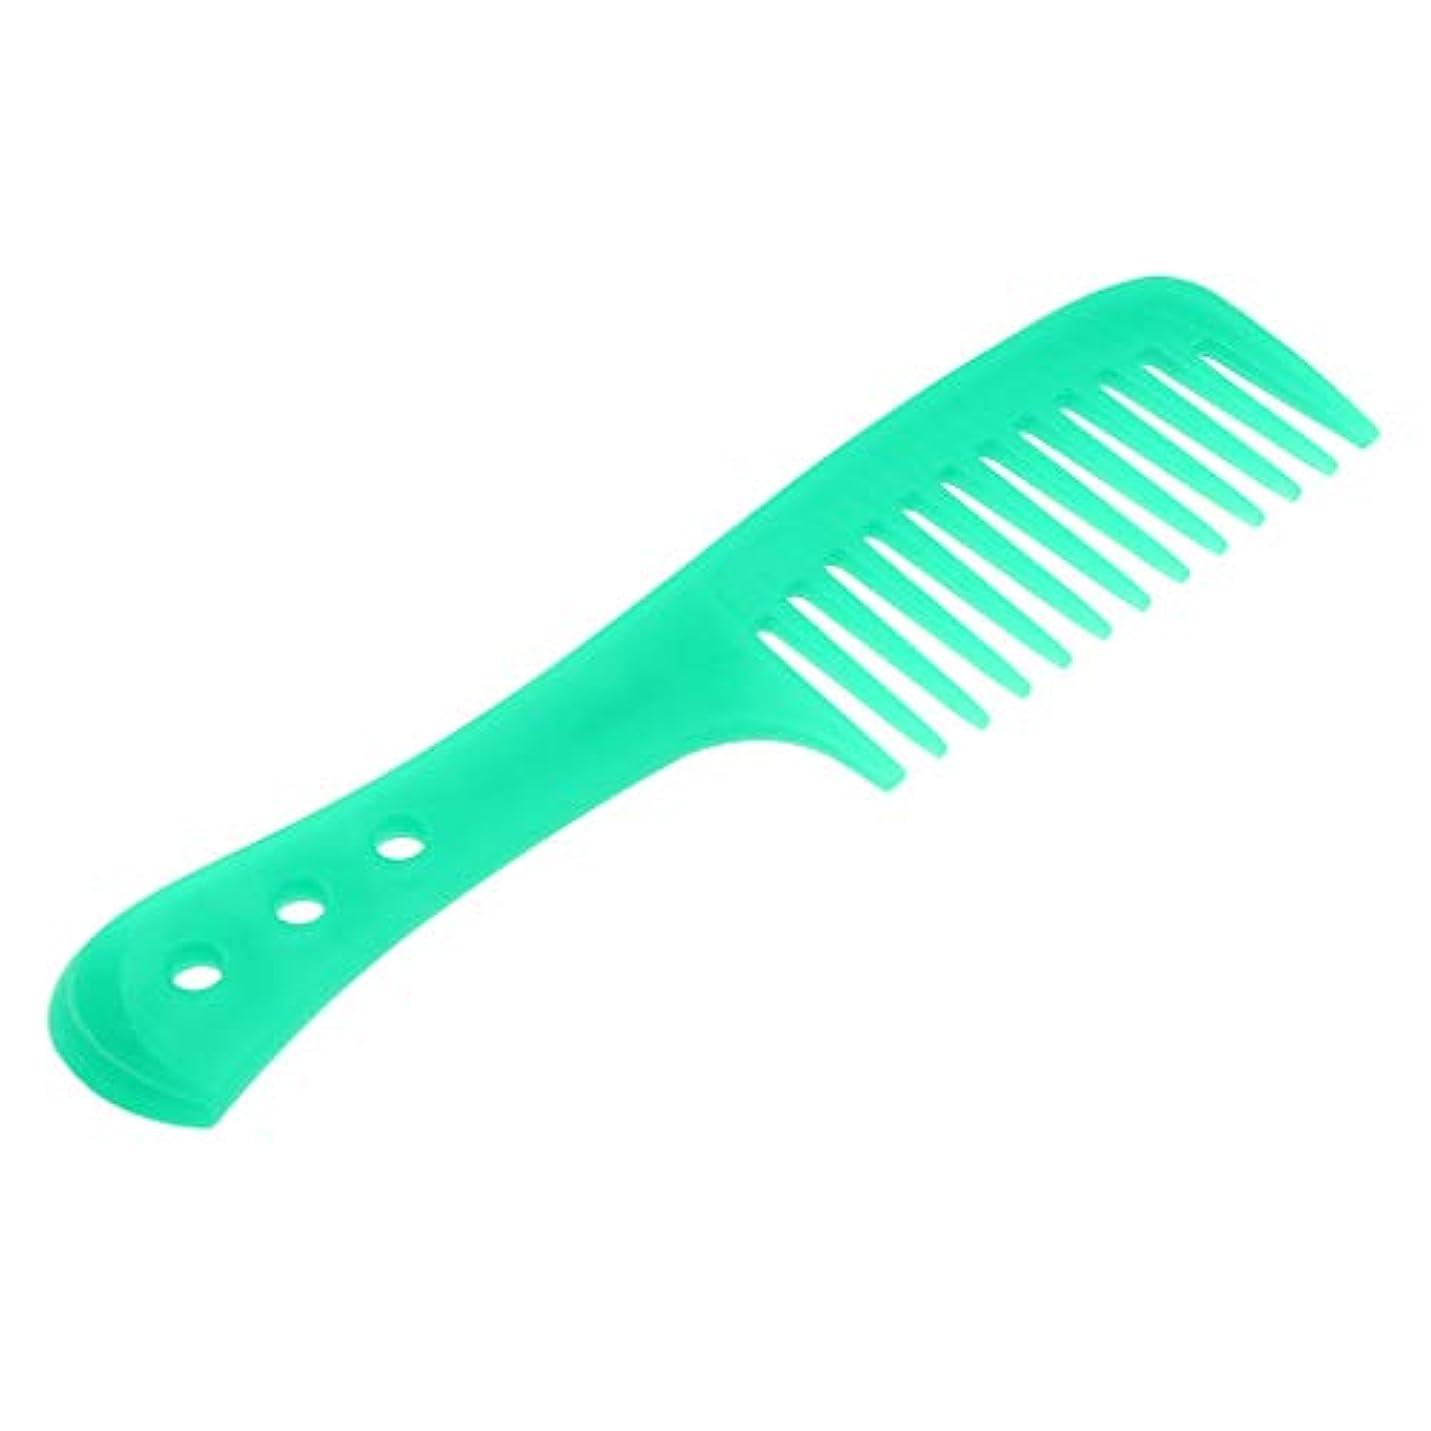 アラブ同様の間違いなくInjoyo 携帯用理髪の広い歯の櫛の巻き毛のDetanglerの頭皮のマッサージャーのブラシ - 緑